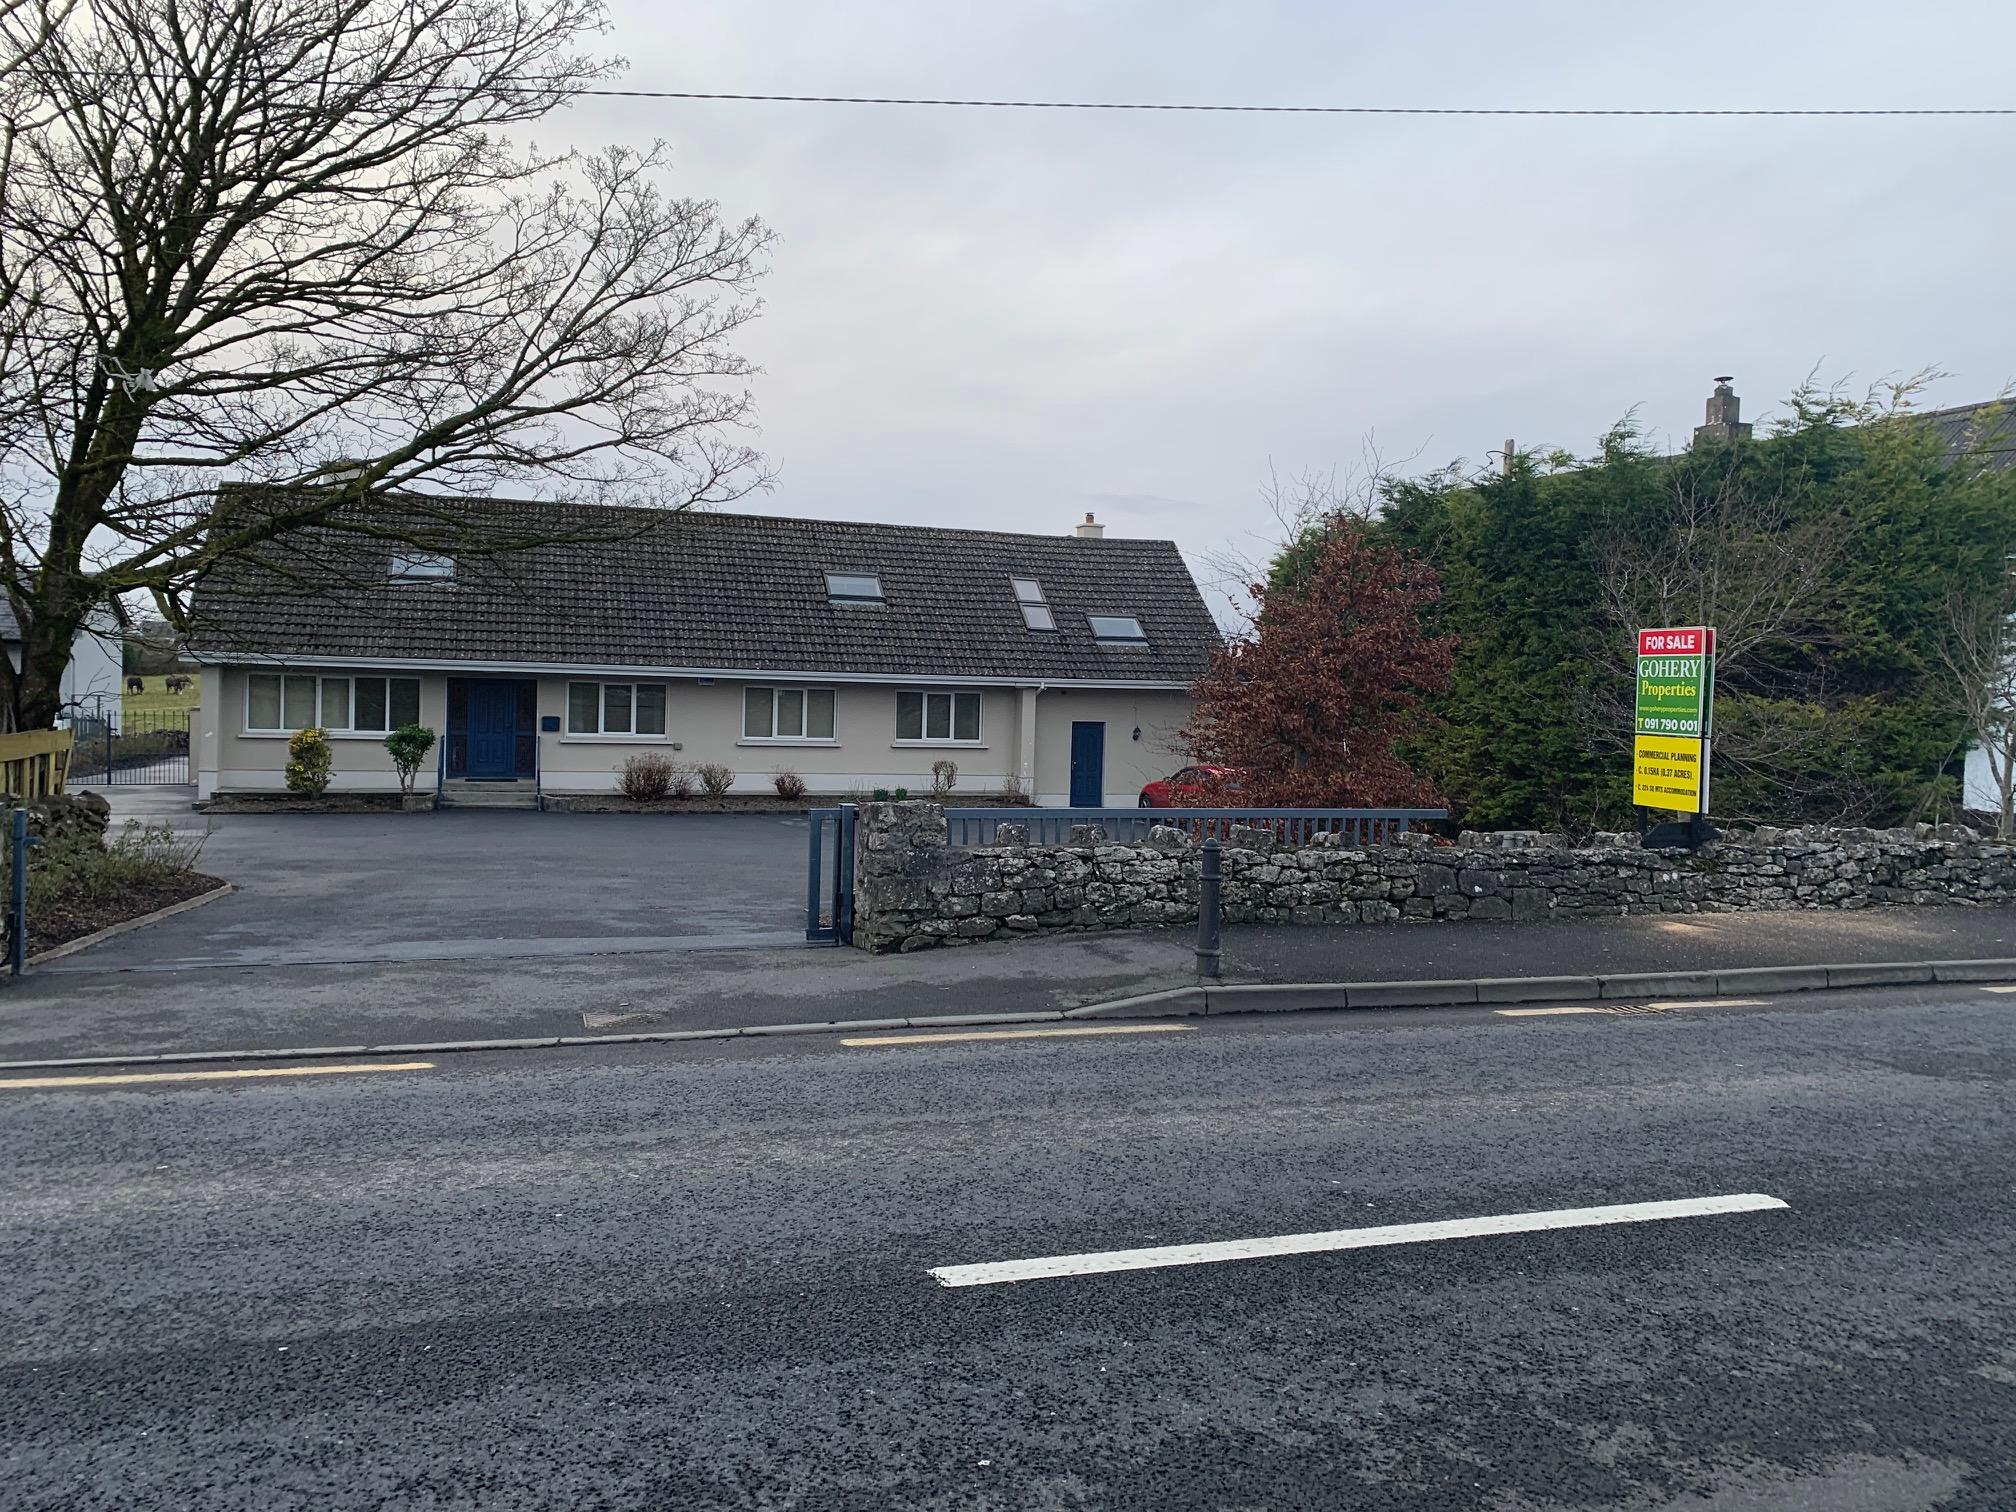 Hillpark, Clarinbridge, Co. Galway